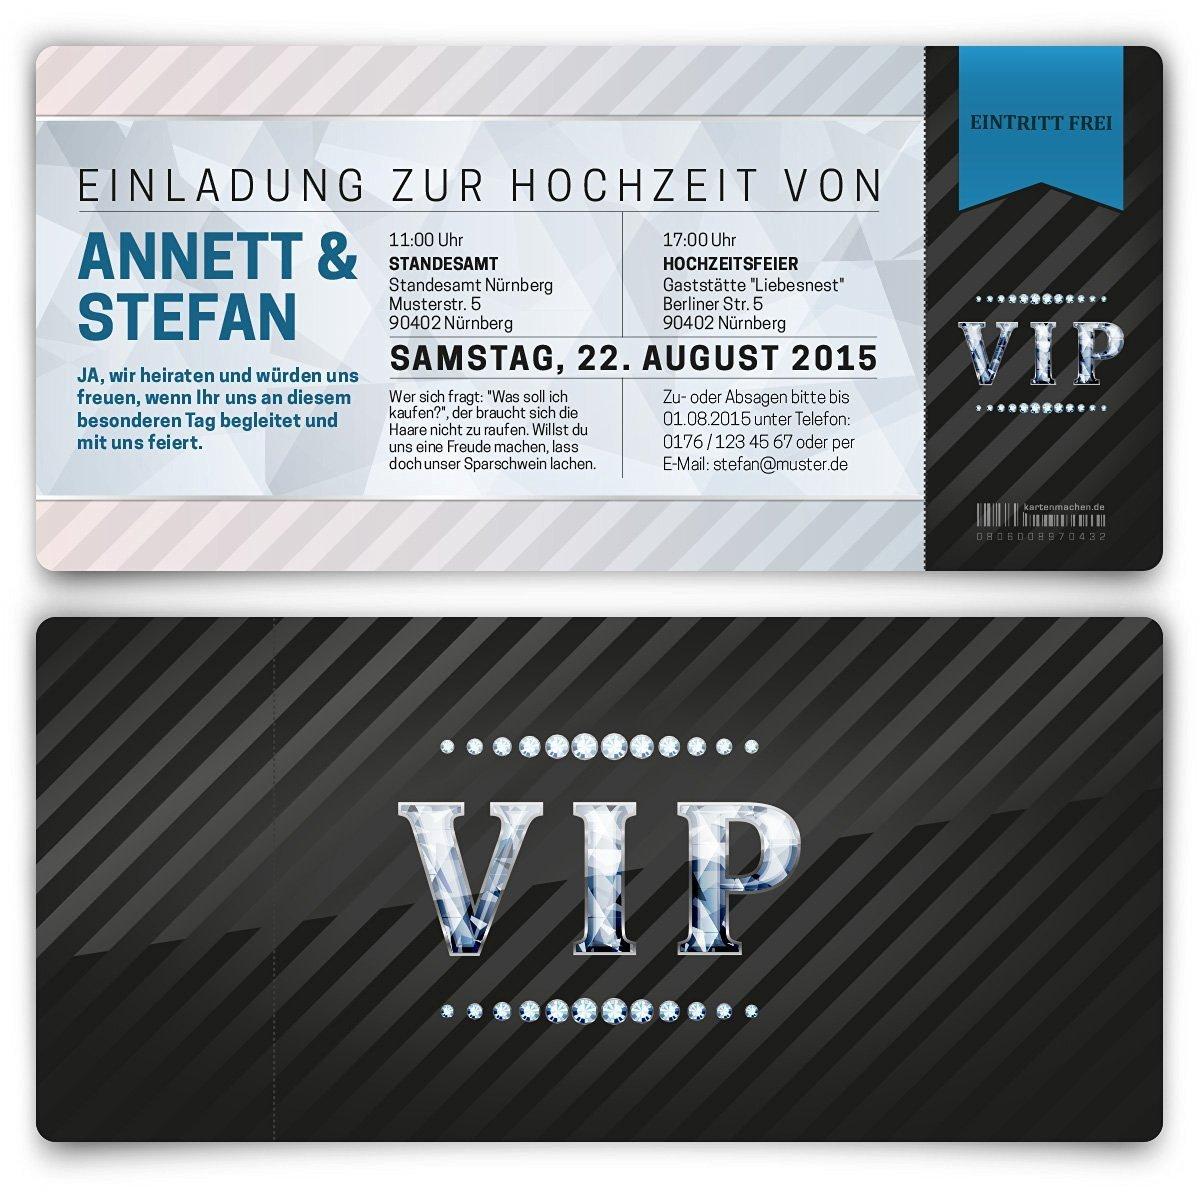 Einladungskarten zur hochzeit 20 stück als eintrittskarte vip ticket einladung uv lack amazon de bürobedarf schreibwaren